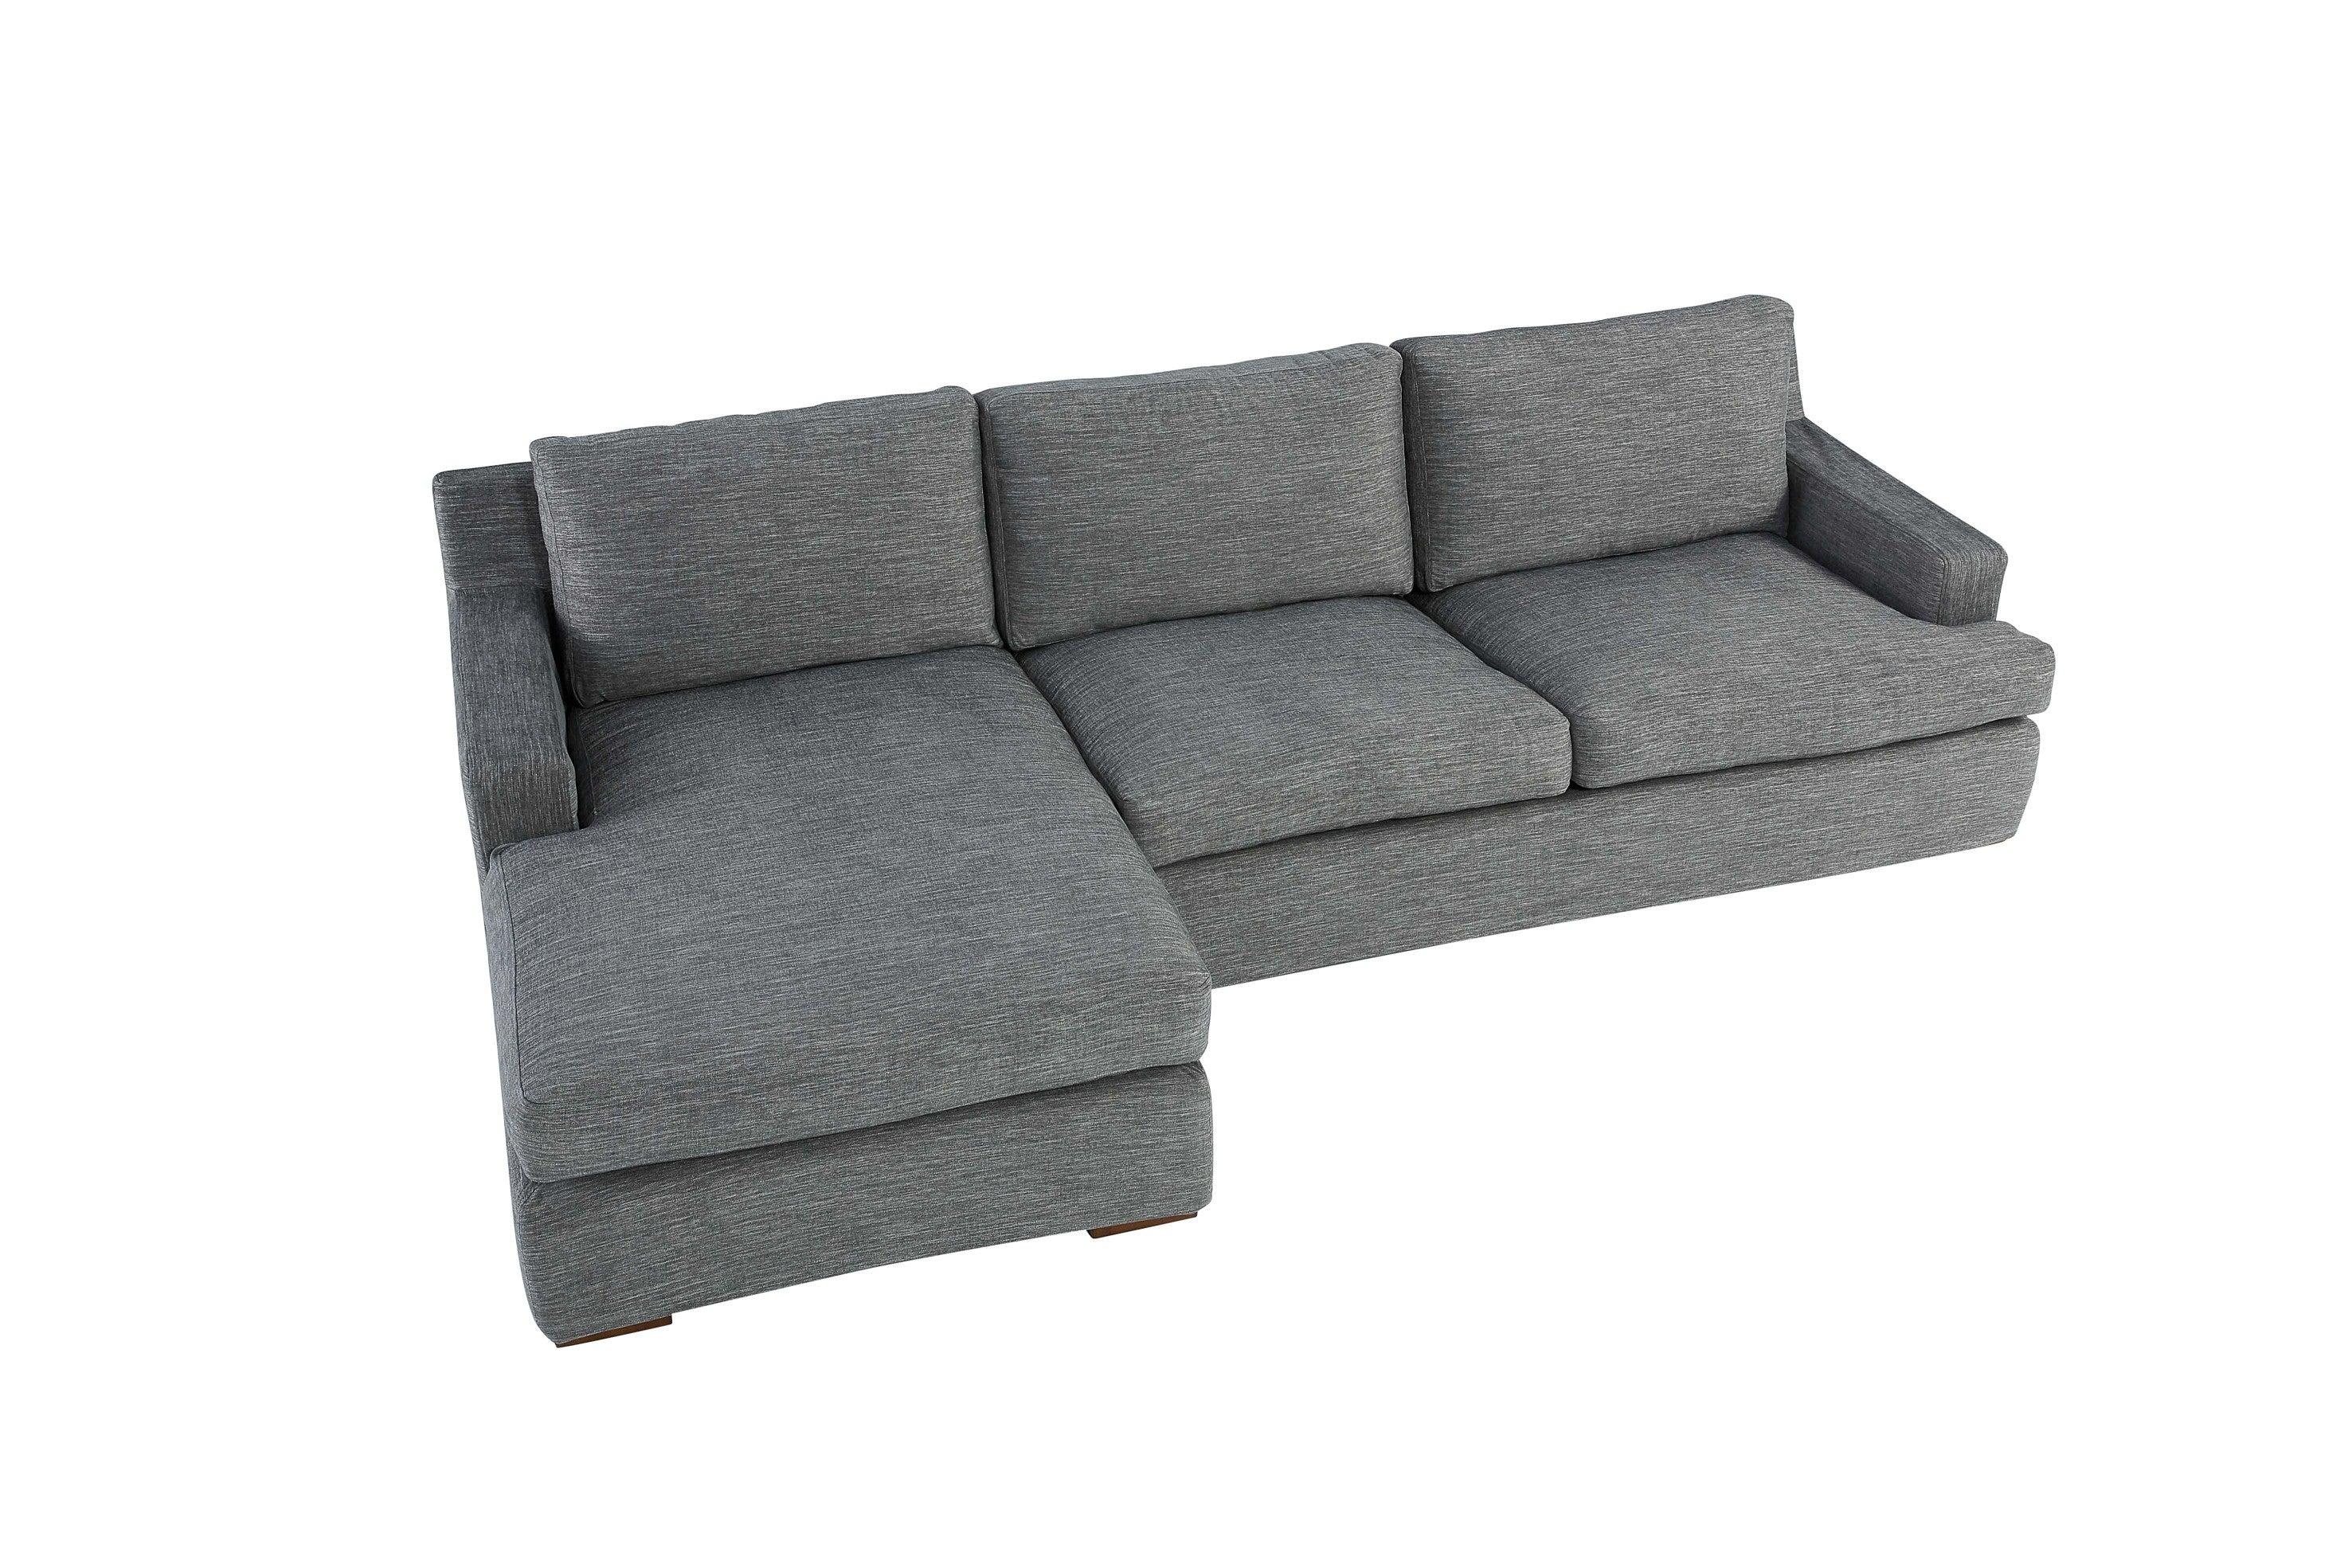 bamboo dining chairs sydney bath chair for baby sahara modular sofa - left hand return wisteriadesign